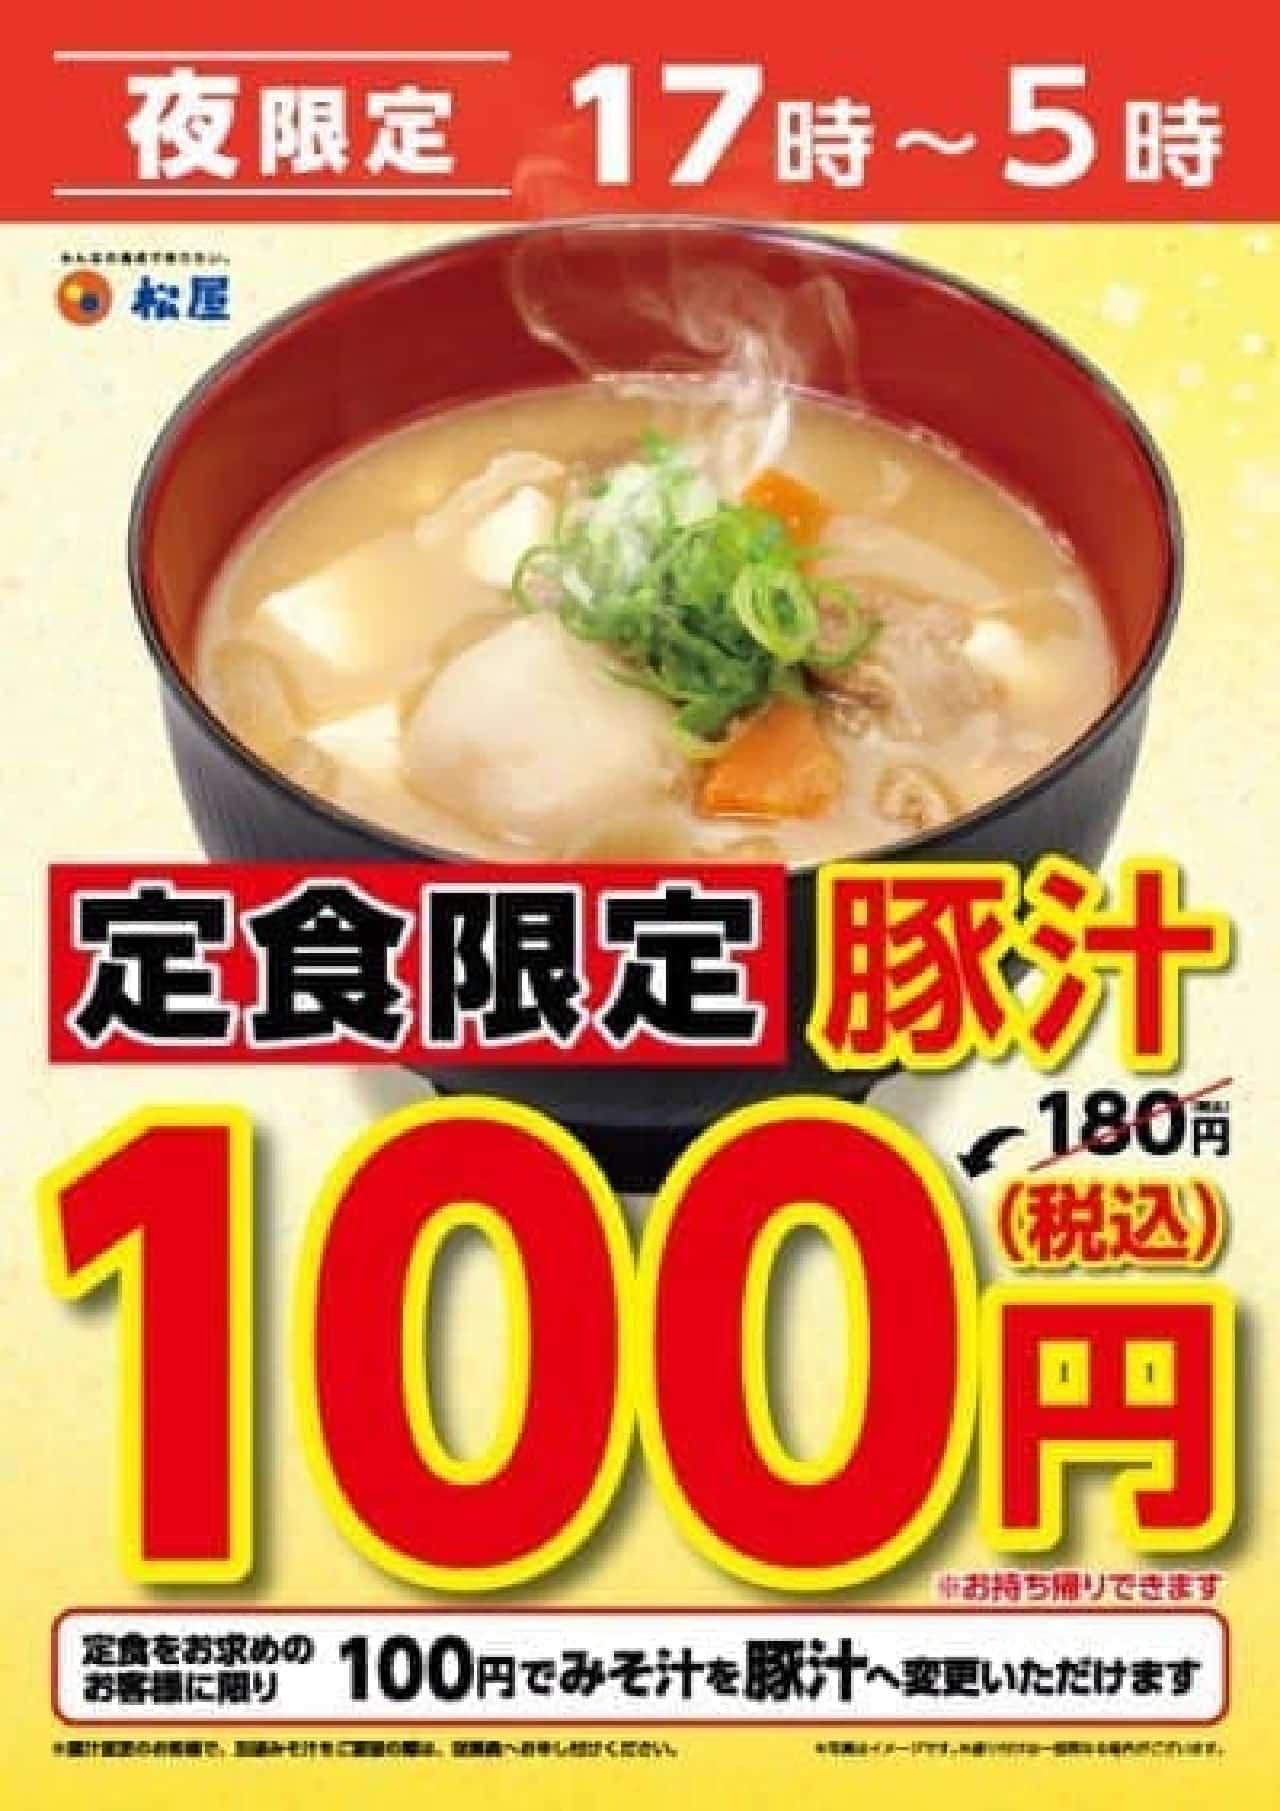 松屋で夜限定「定食の豚汁100円」